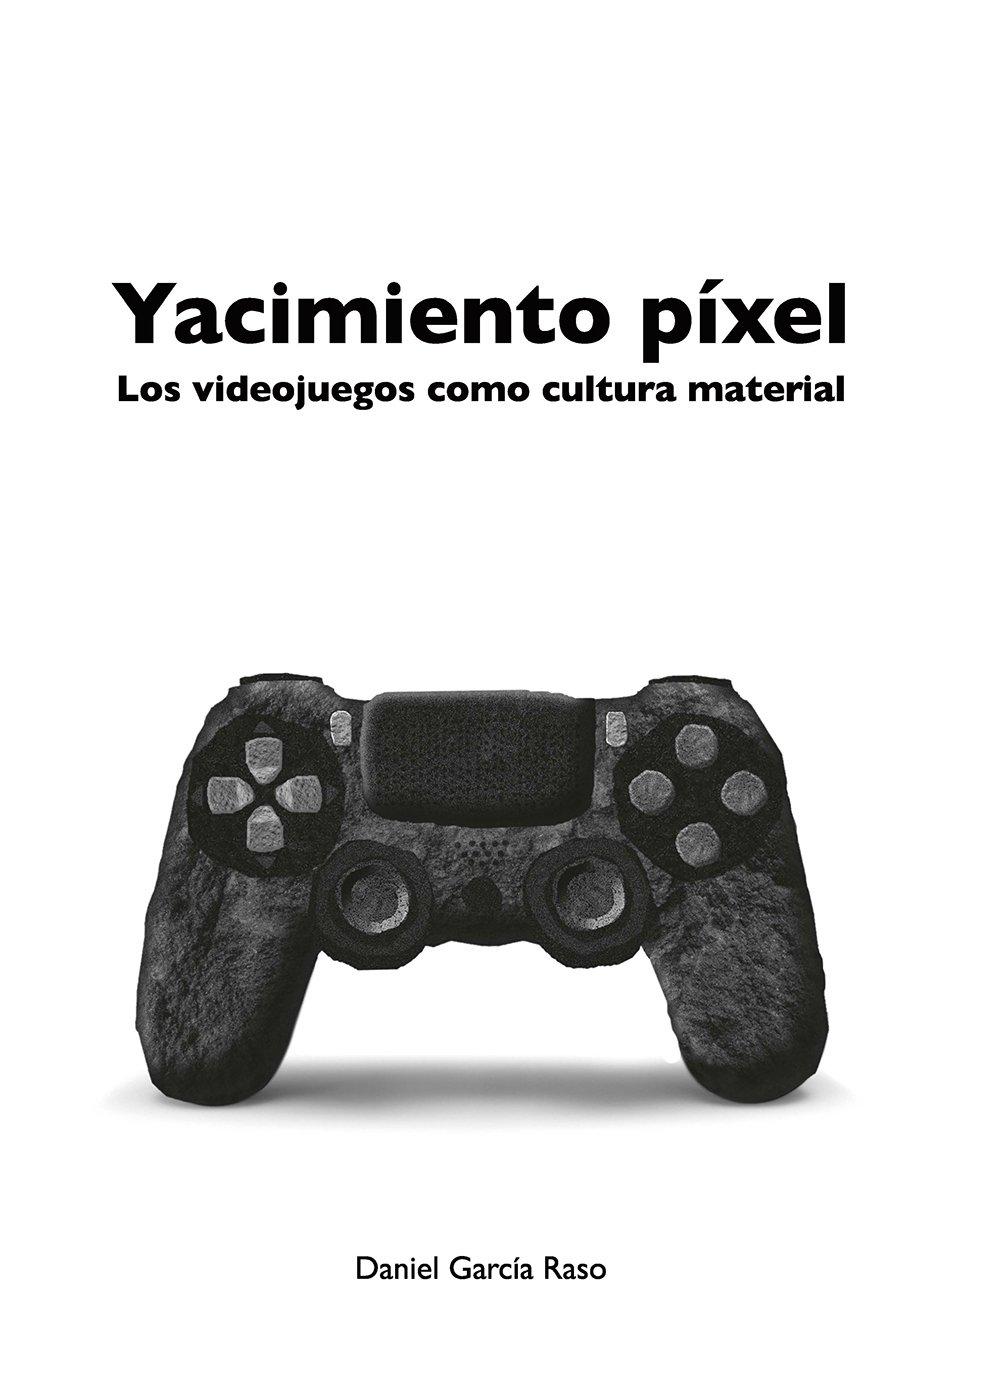 Yacimiento píxel: Los videojuegos como cultura material Tapa blanda – 9 oct 2017 Daniel García Raso Jas Arqueología Editorial 8416725128 SOCIAL SCIENCE / Archaeology